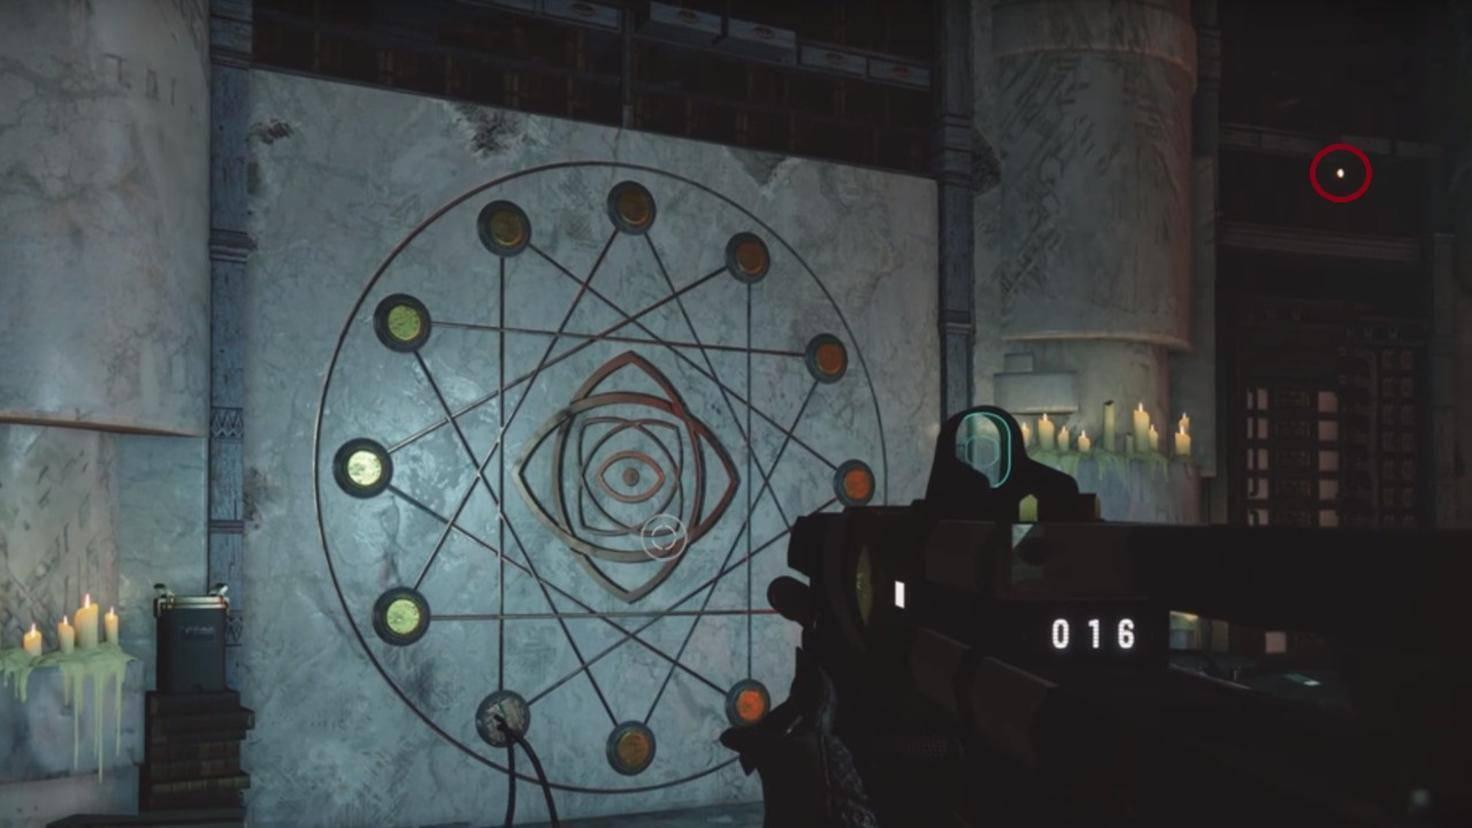 Das fünfte Buch – hier mit einem roten Kreis markiert –erkennst Du in der Nähe der Waffenschmiede als Leuchtpunkt im Regal.